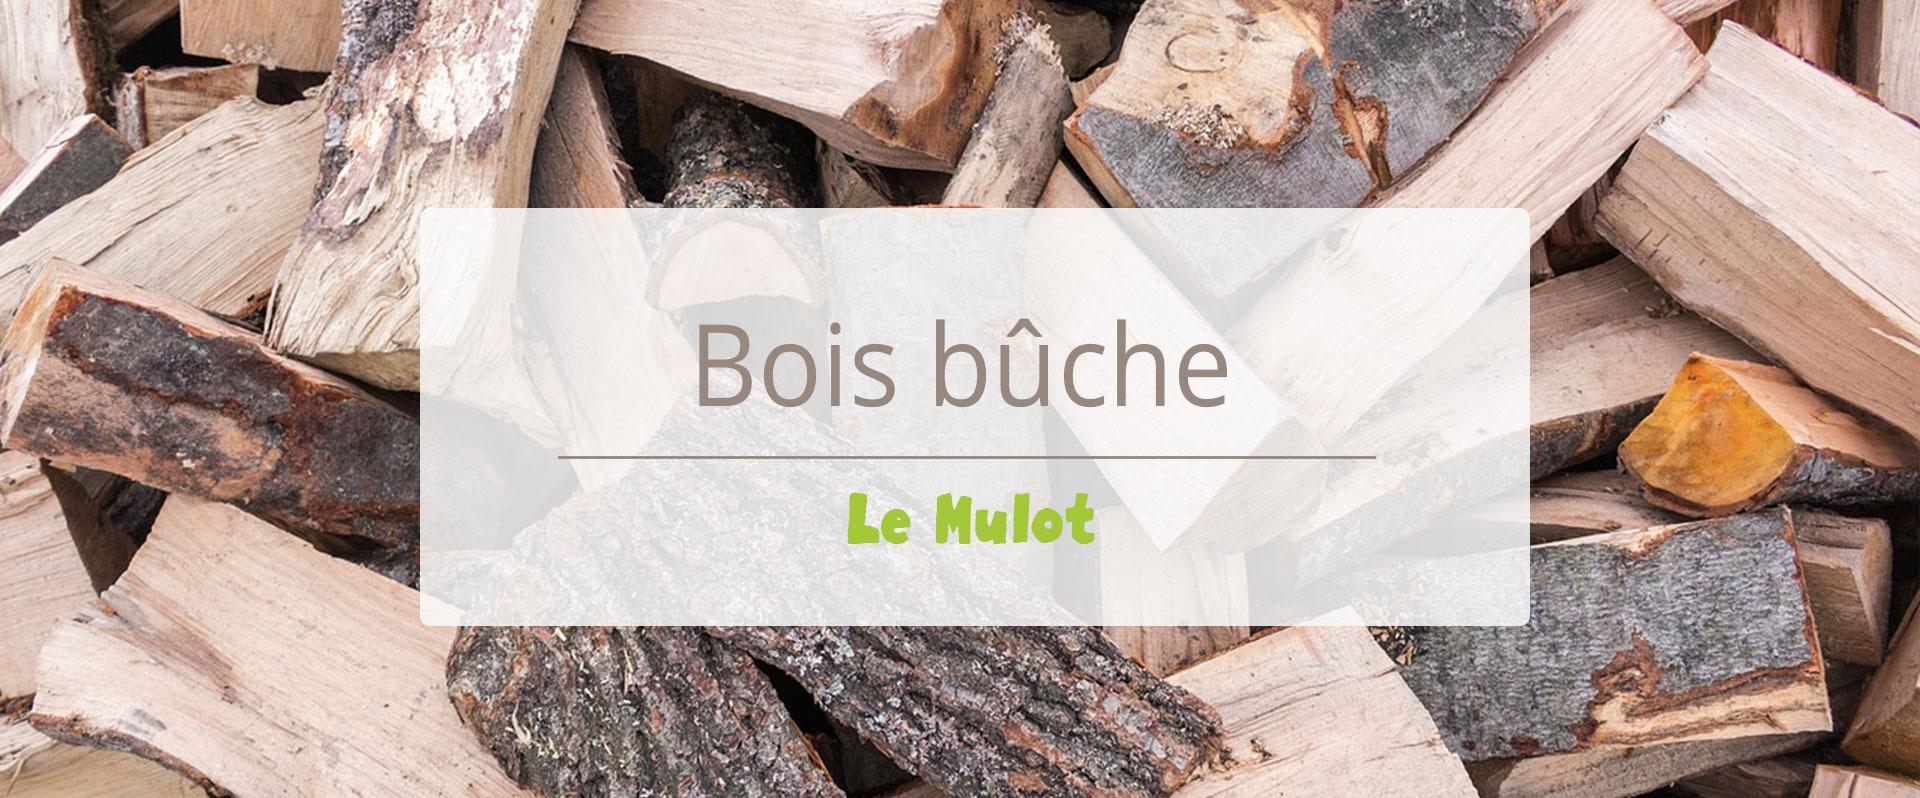 Bois bûche qualité dans le Morbihan